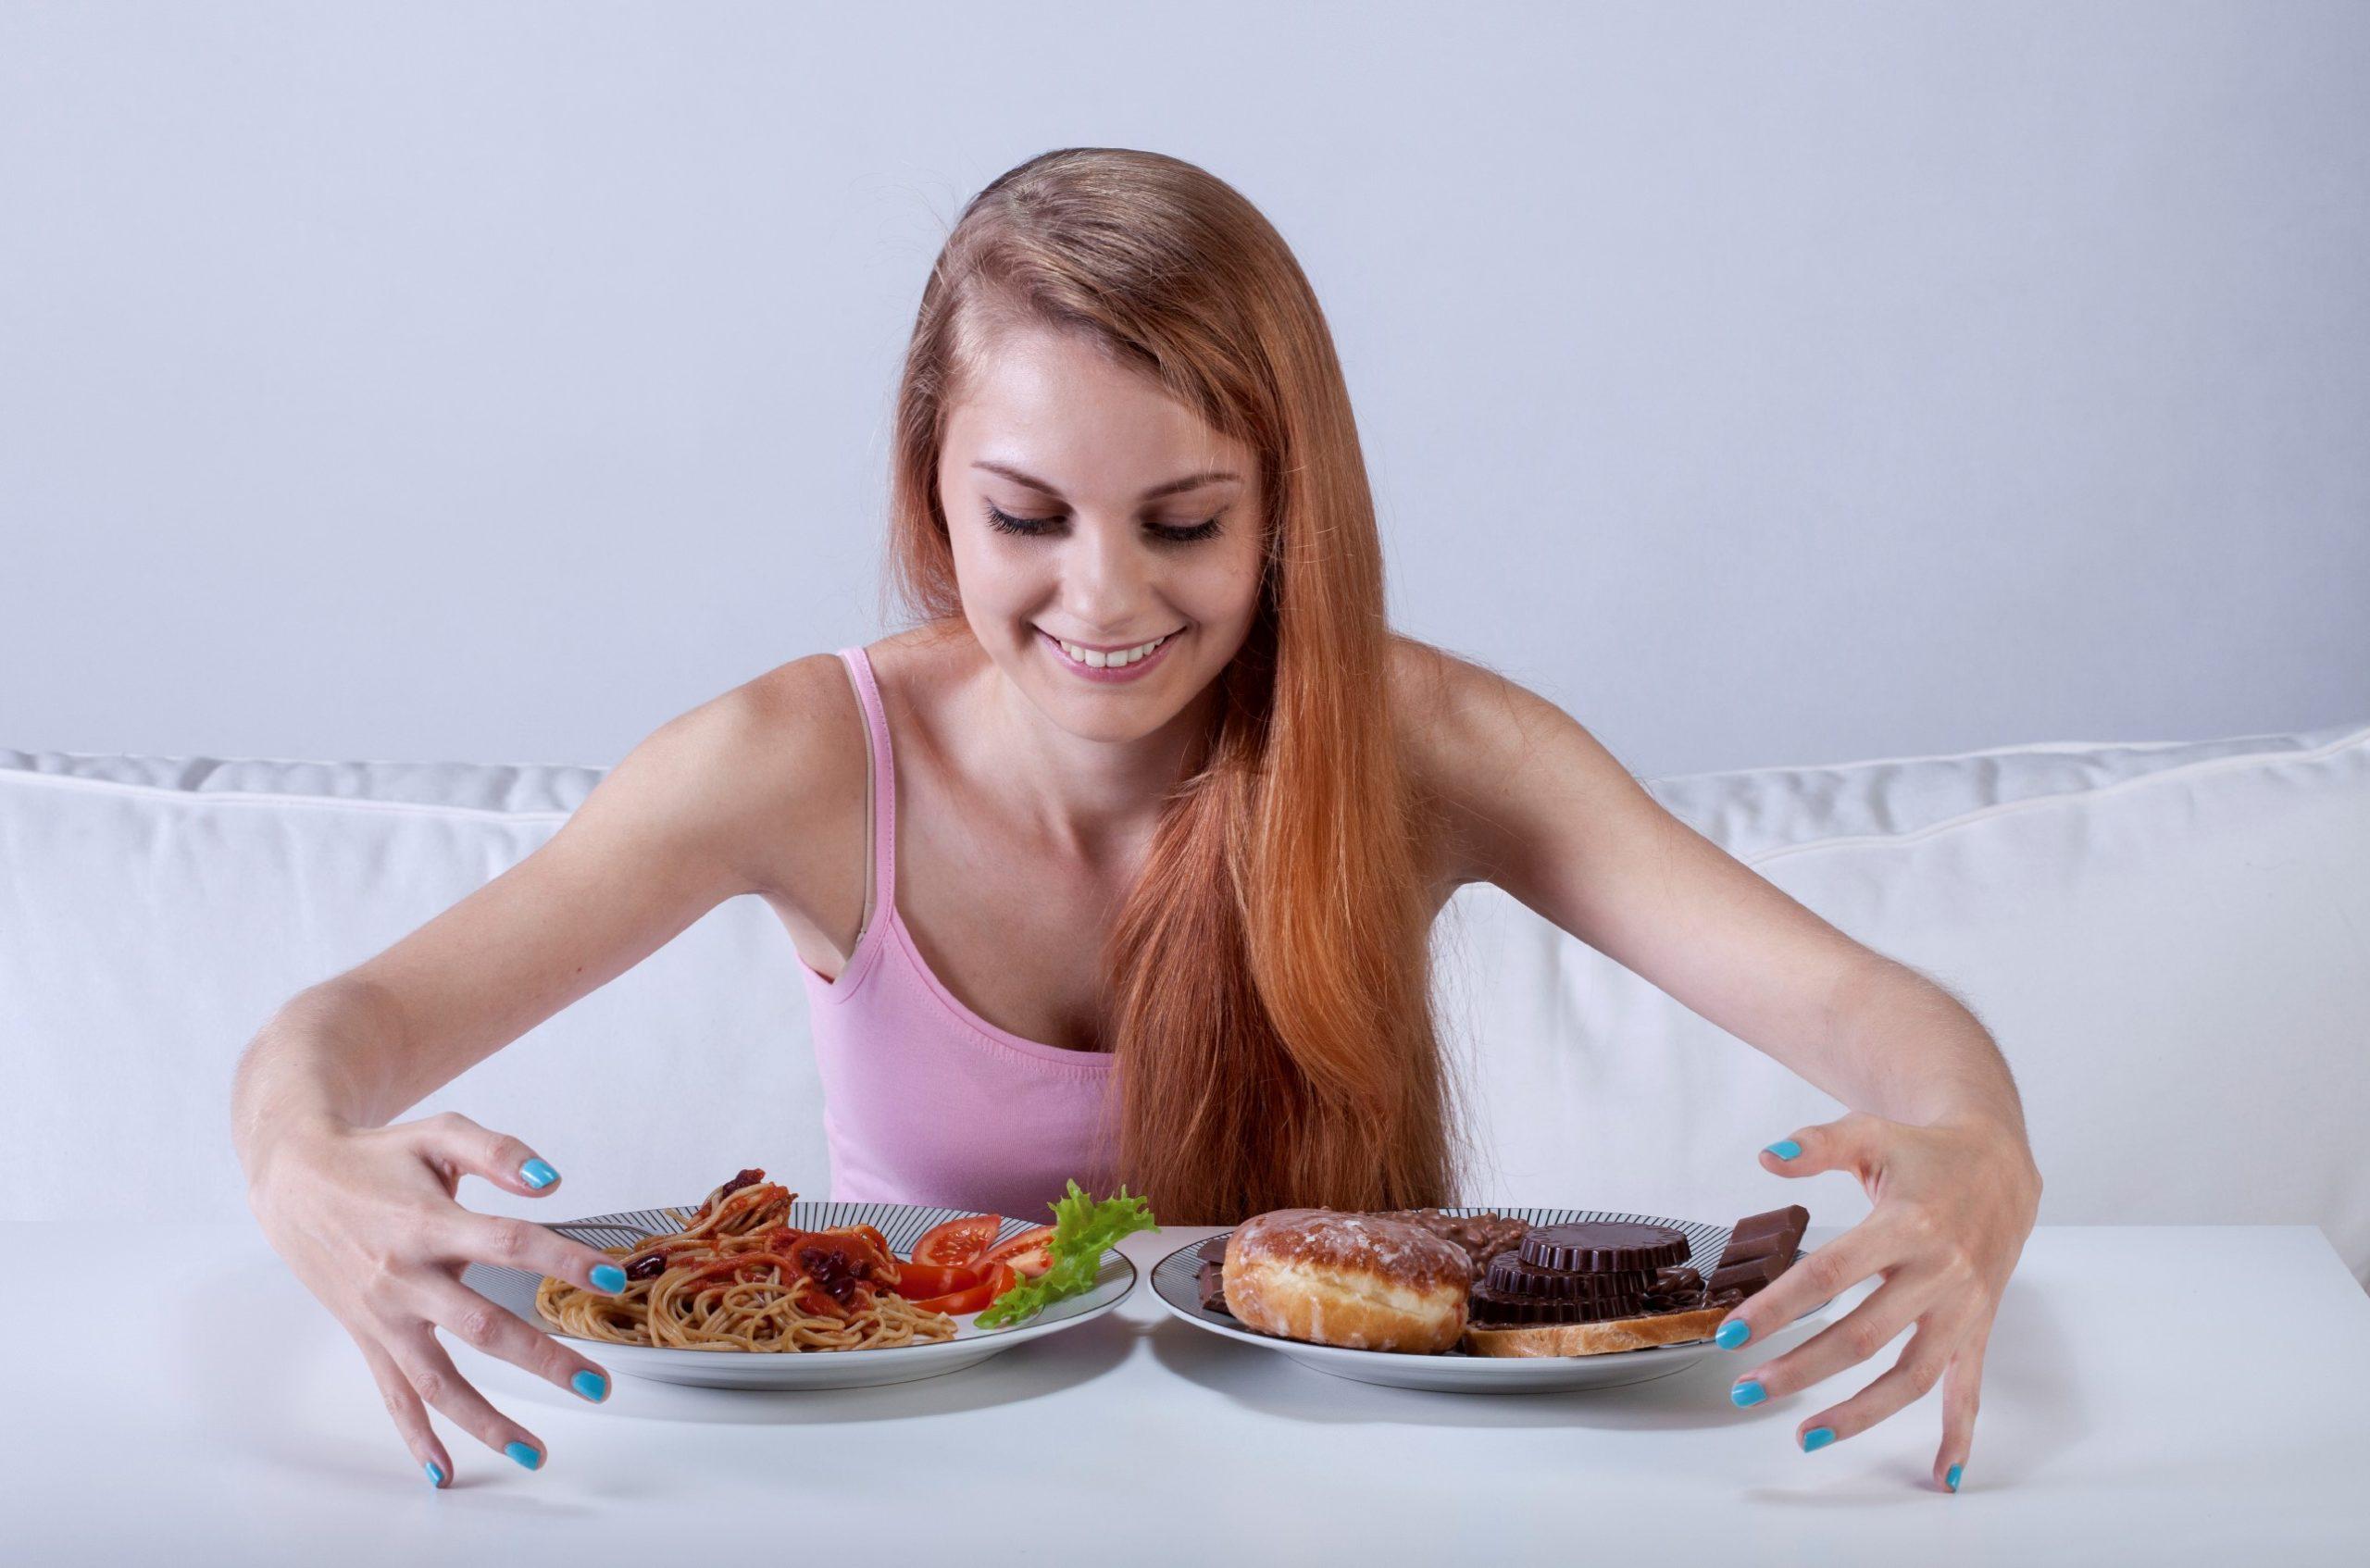 Как похудеть на корице: диета с эффектом